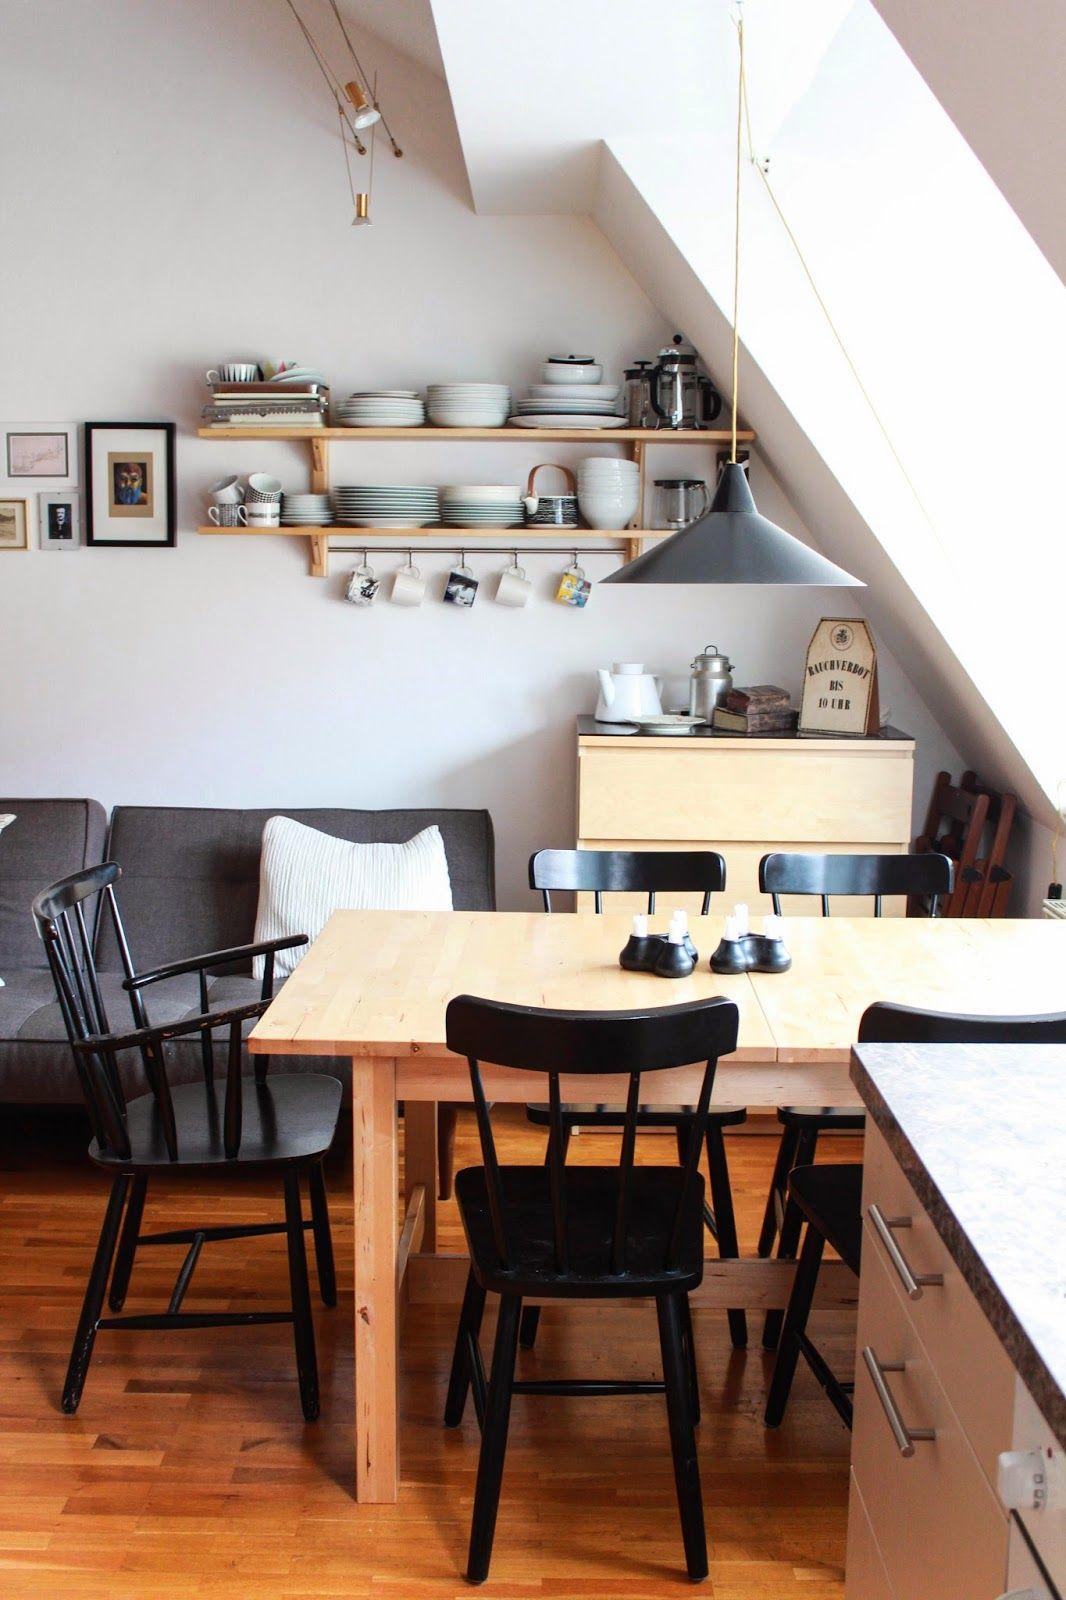 sofa in k che regale mit geschirr w nde nutzen kitchen dining room pinterest sofa. Black Bedroom Furniture Sets. Home Design Ideas